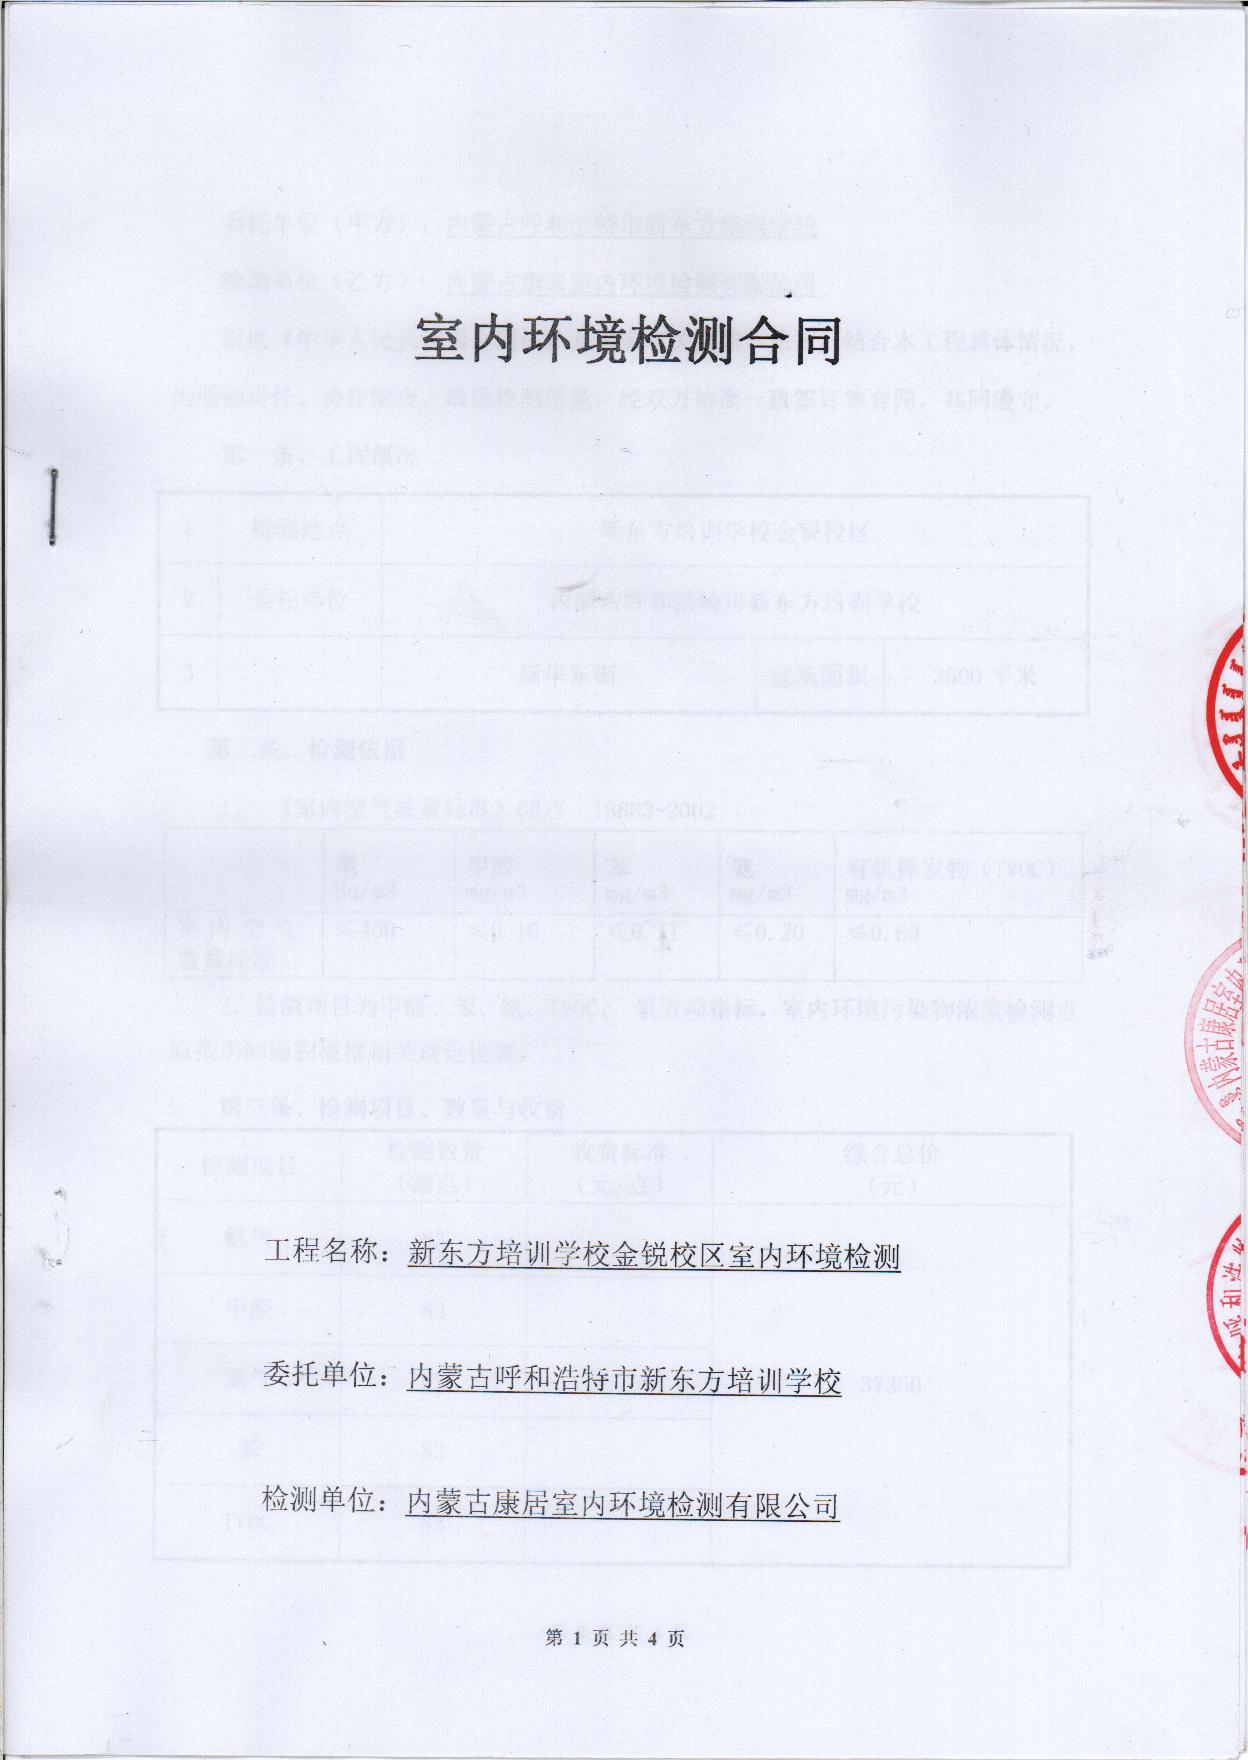 新东方培训学校金锐校区雷火app官网下载合同